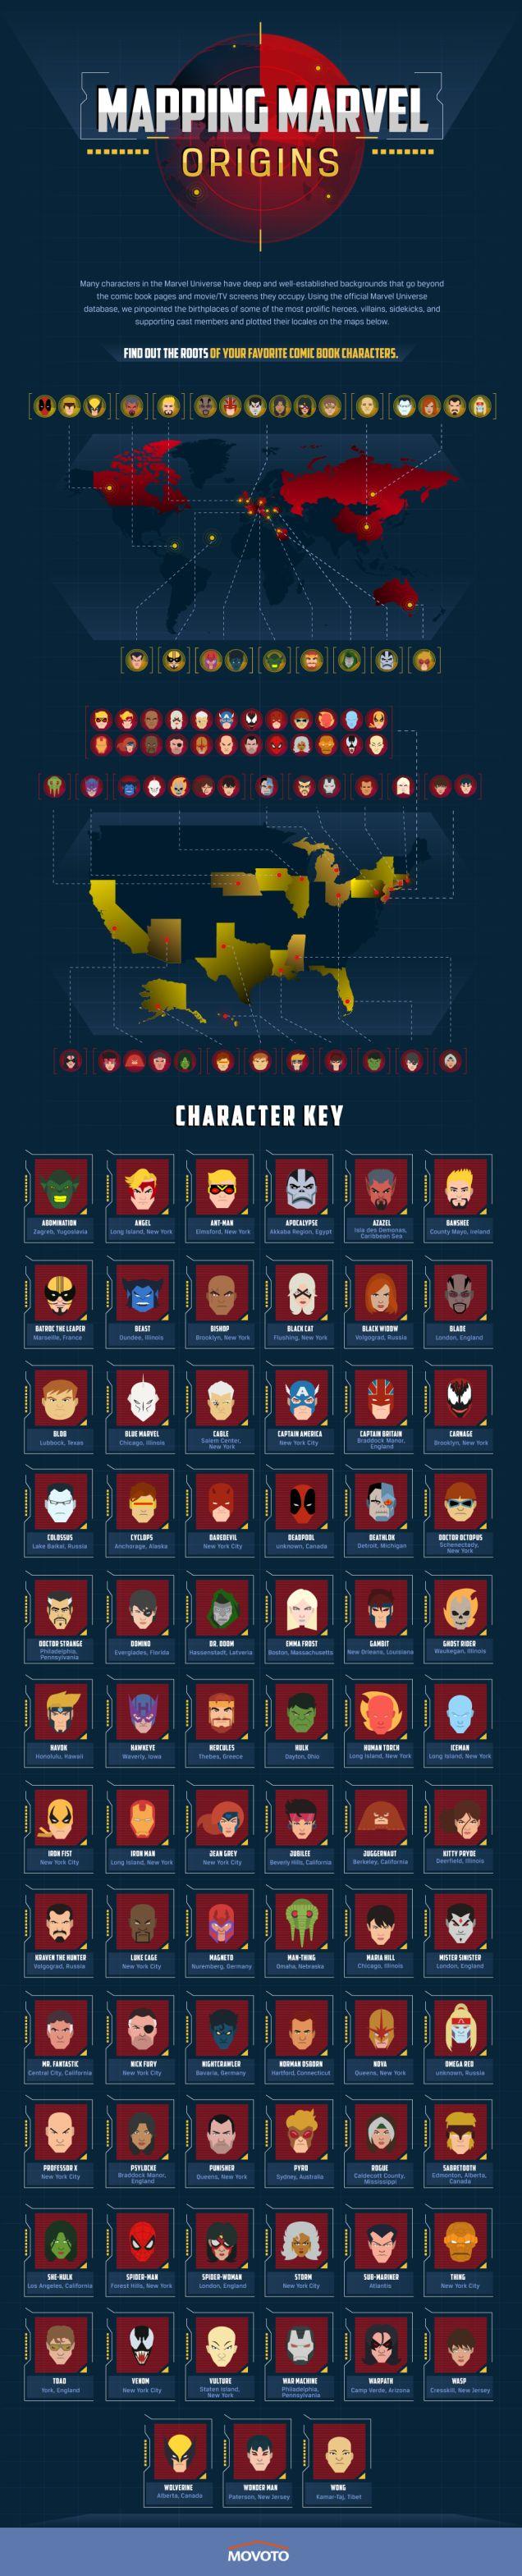 ¿De qué país son los personajes más famosos de Marvel? #infografia #marvel #superheroes